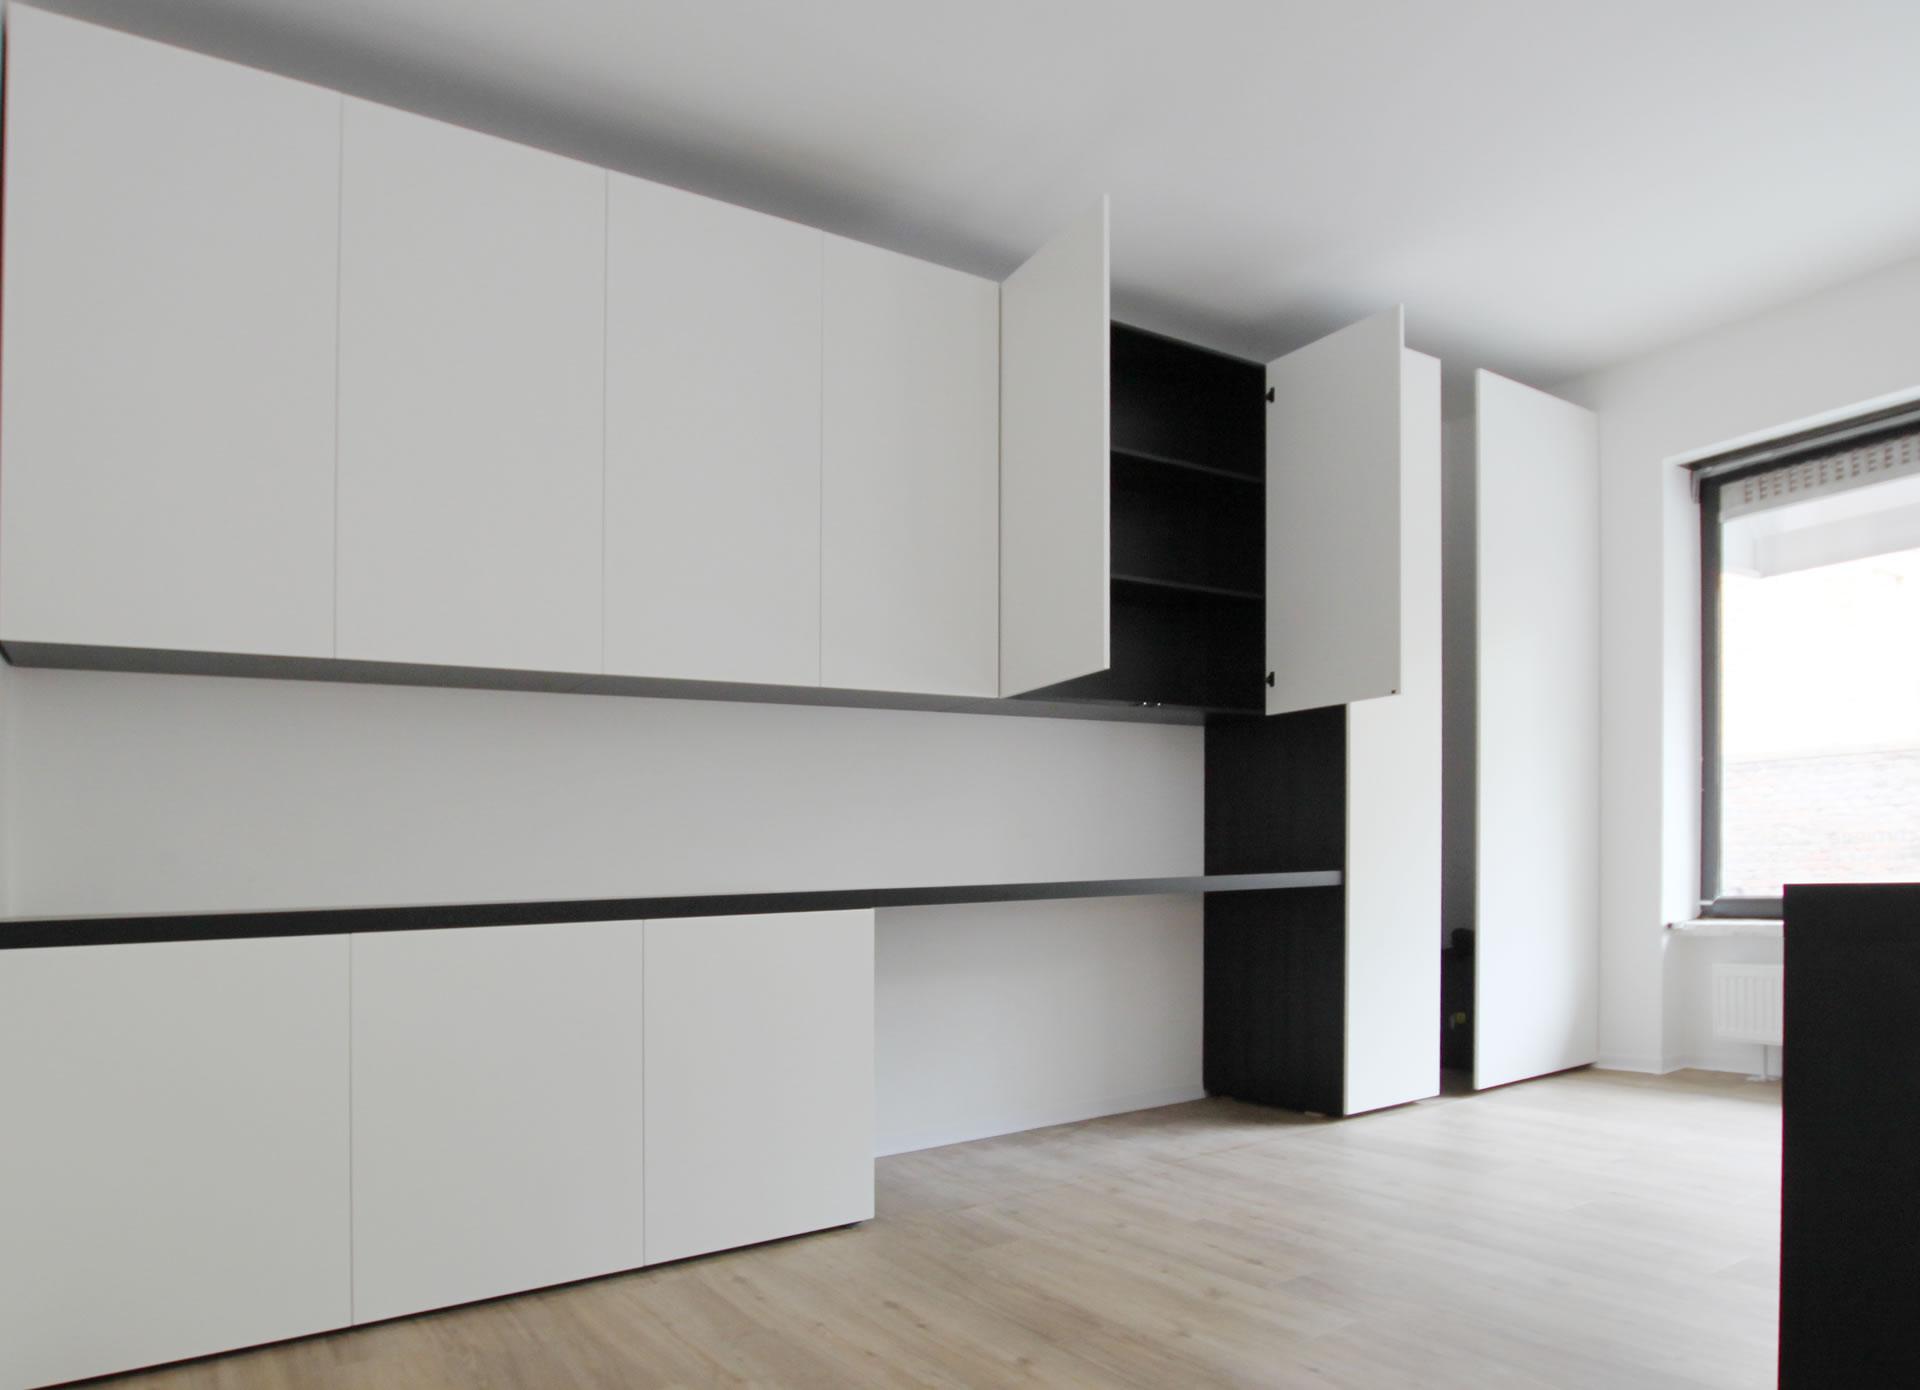 Küchen Gebraucht Dortmund | Gebrauchte Küchen Kleinanzeigen